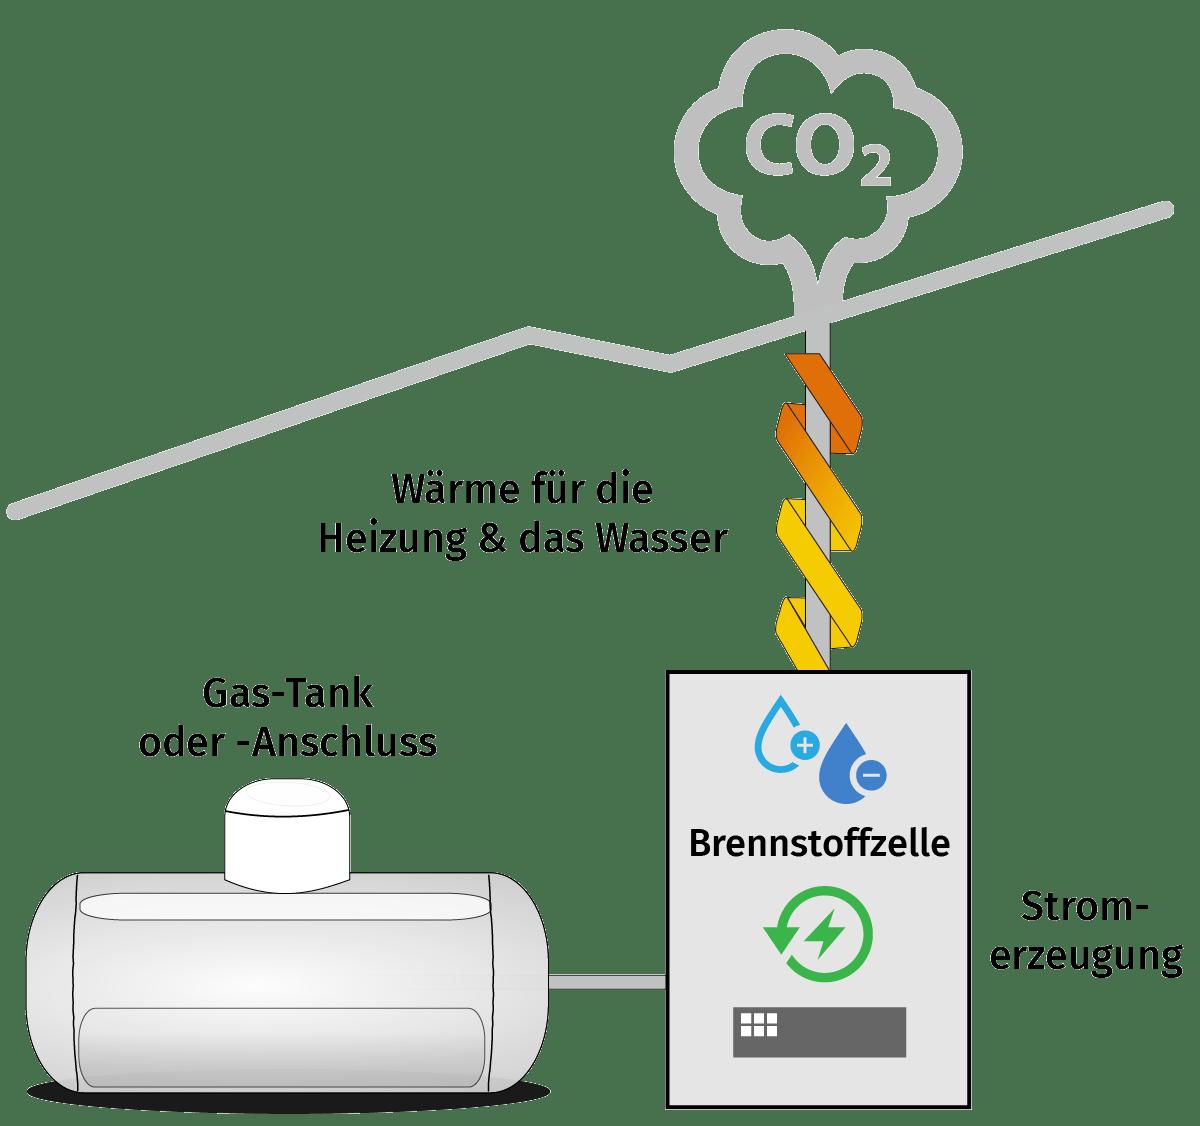 Saier Ulm Funktionsweise der Brennstoffzellen Heizung